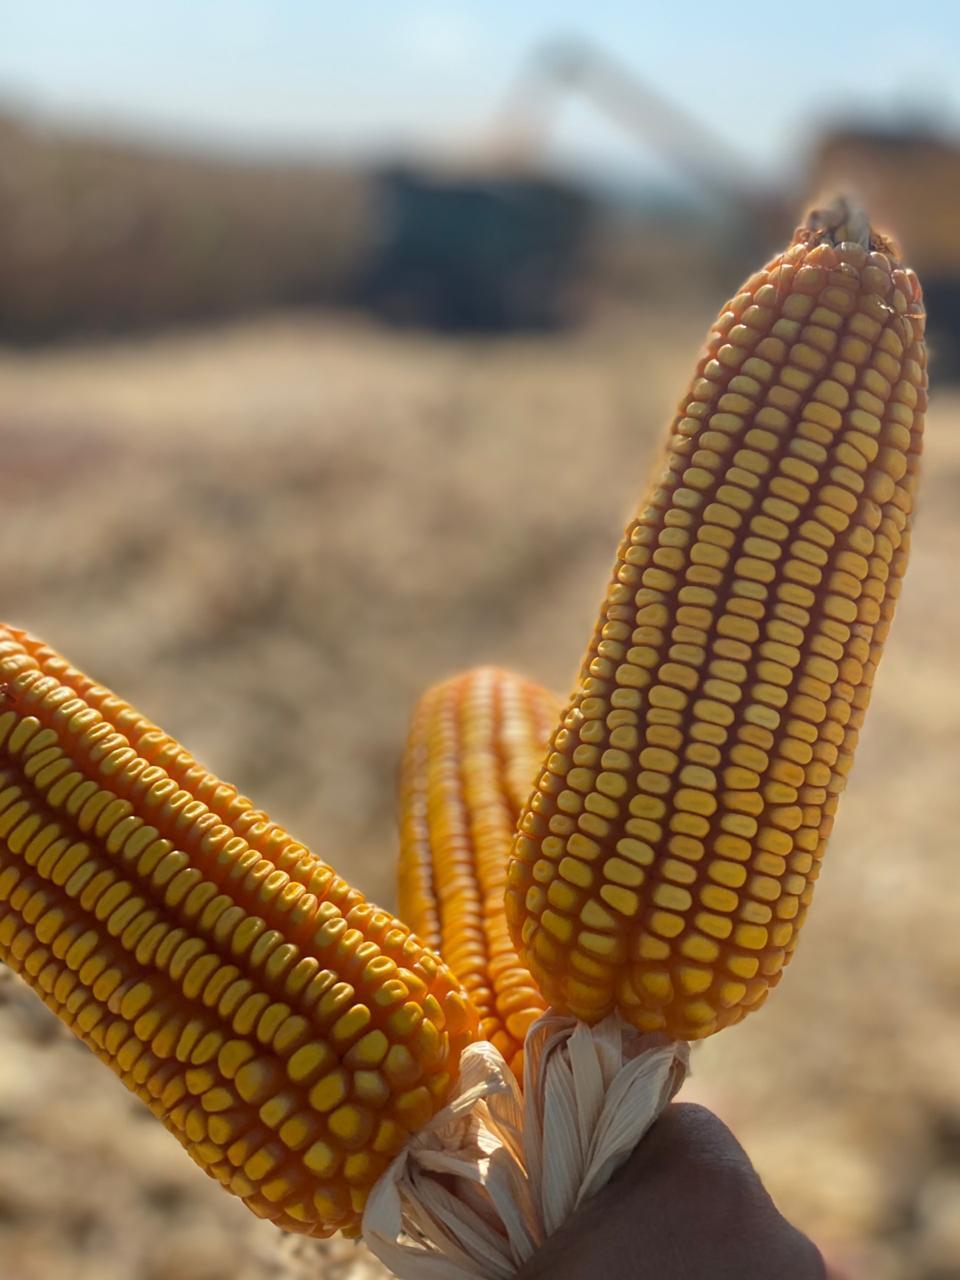 Colheita da Safra de Milho - Itambé/PR - Nivaldo Forastieri